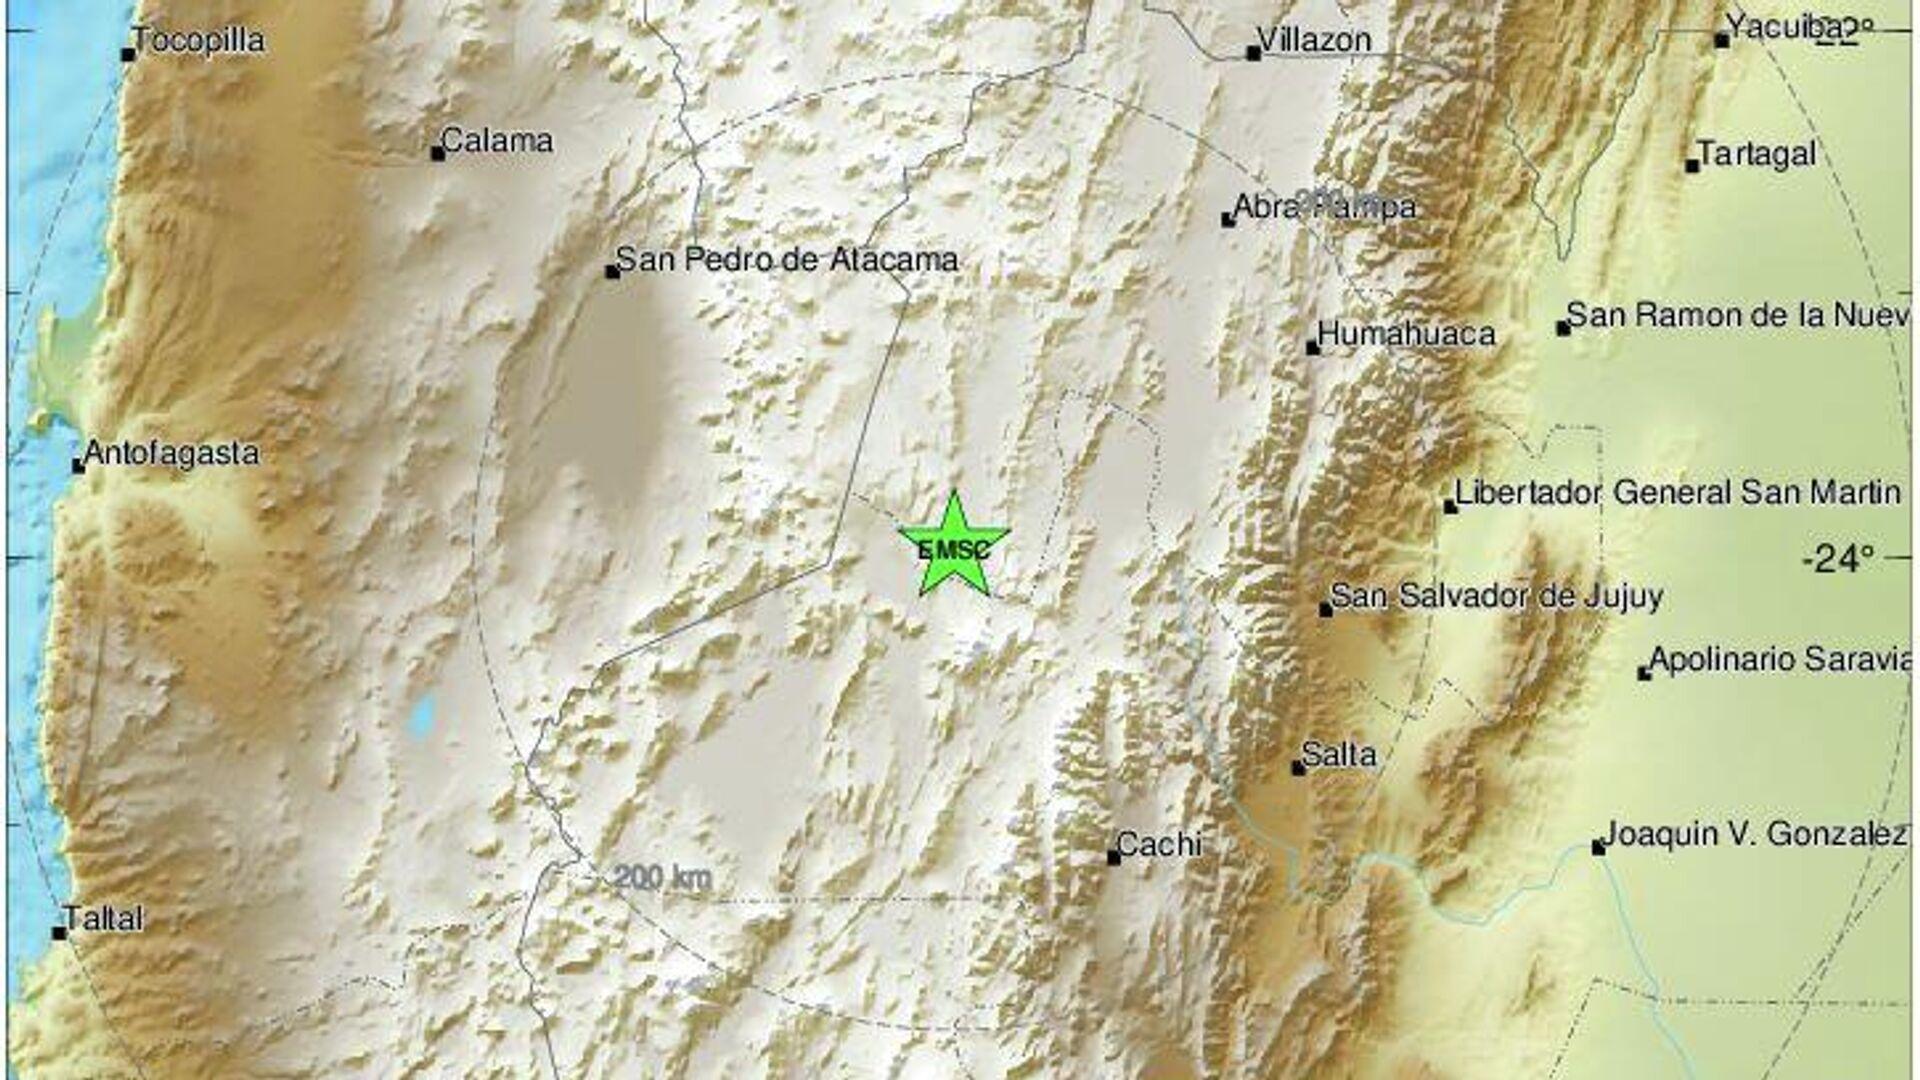 Σεισμός στην Αργεντινή - Sputnik Ελλάδα, 1920, 13.09.2021